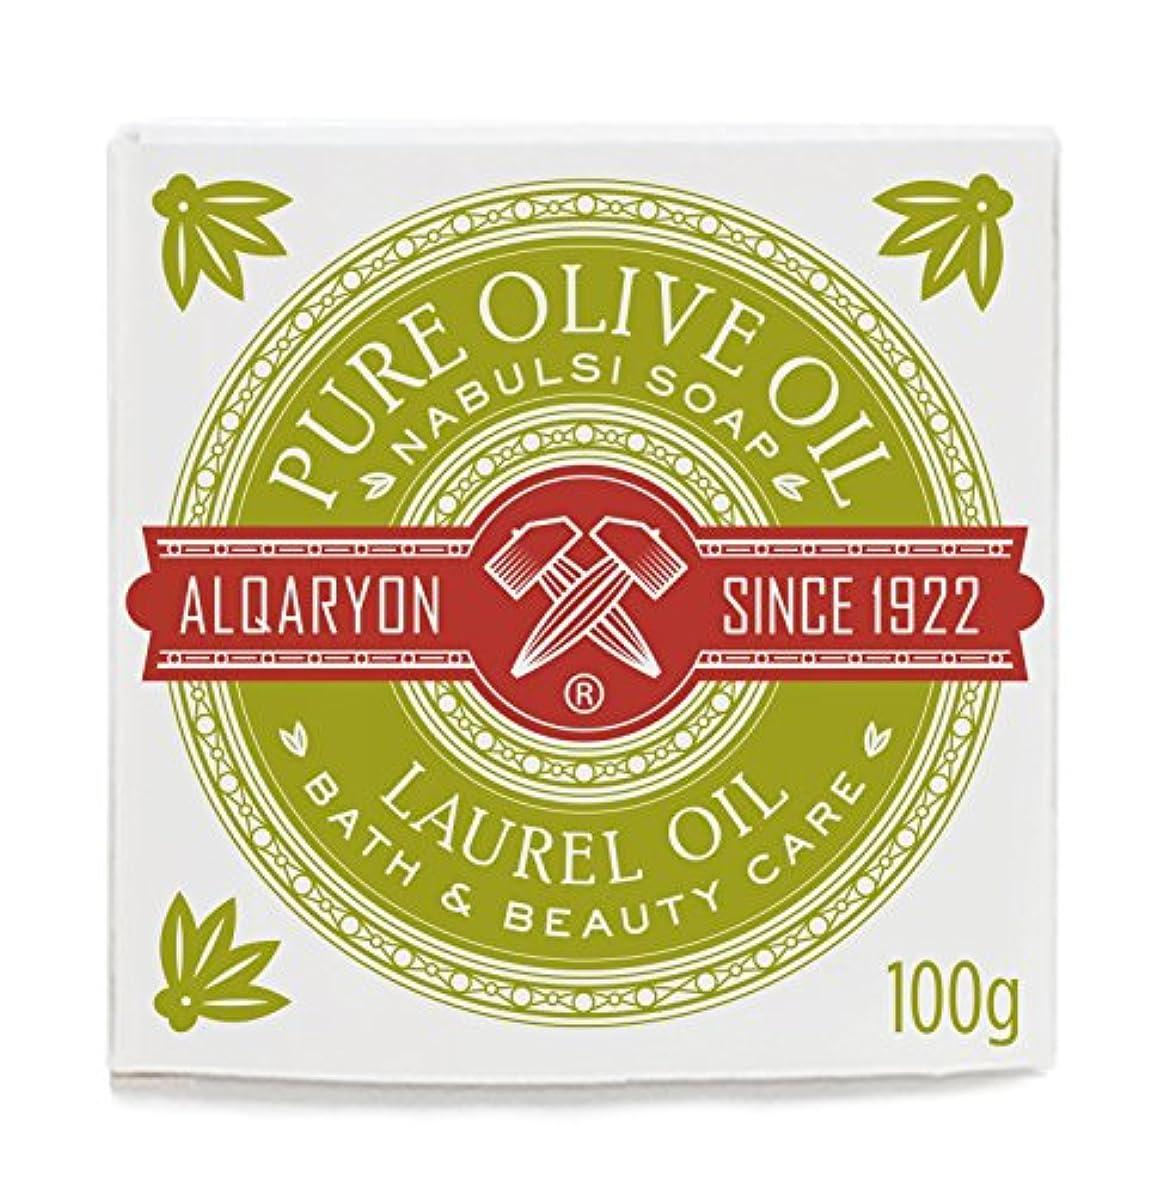 二週間ペースト飢饉Alqaryon Laurel Oil & Olive Oil Bar Soap Pack of 4 - AlqaryonのローレルオイルI&オリーブオイル ソープ、バス & ビューティー ケア、100gの石鹸4個のパック